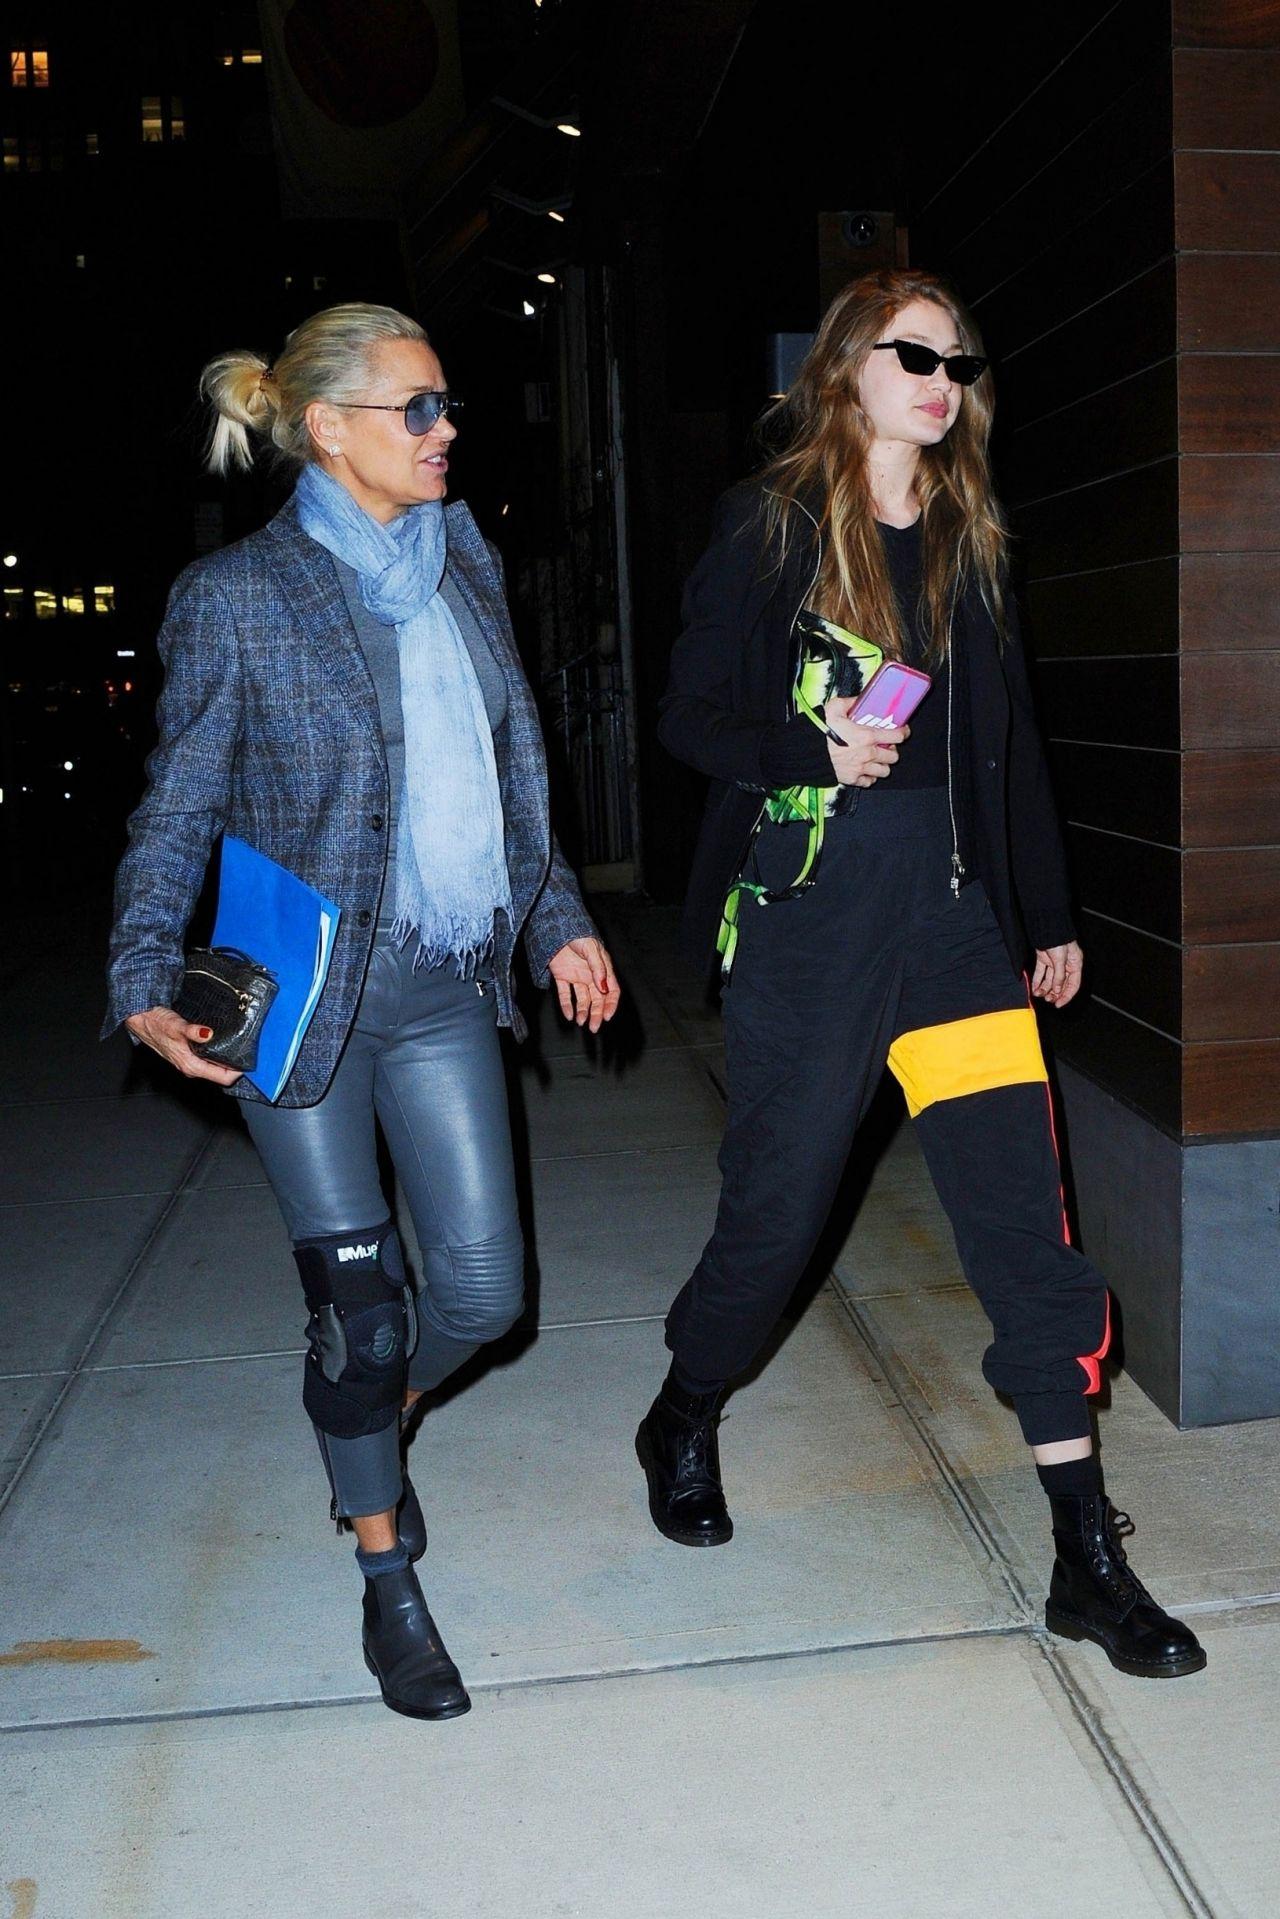 Gigi Hadid And Yolanda Hadid Bondst In Nyc 03 29 2019